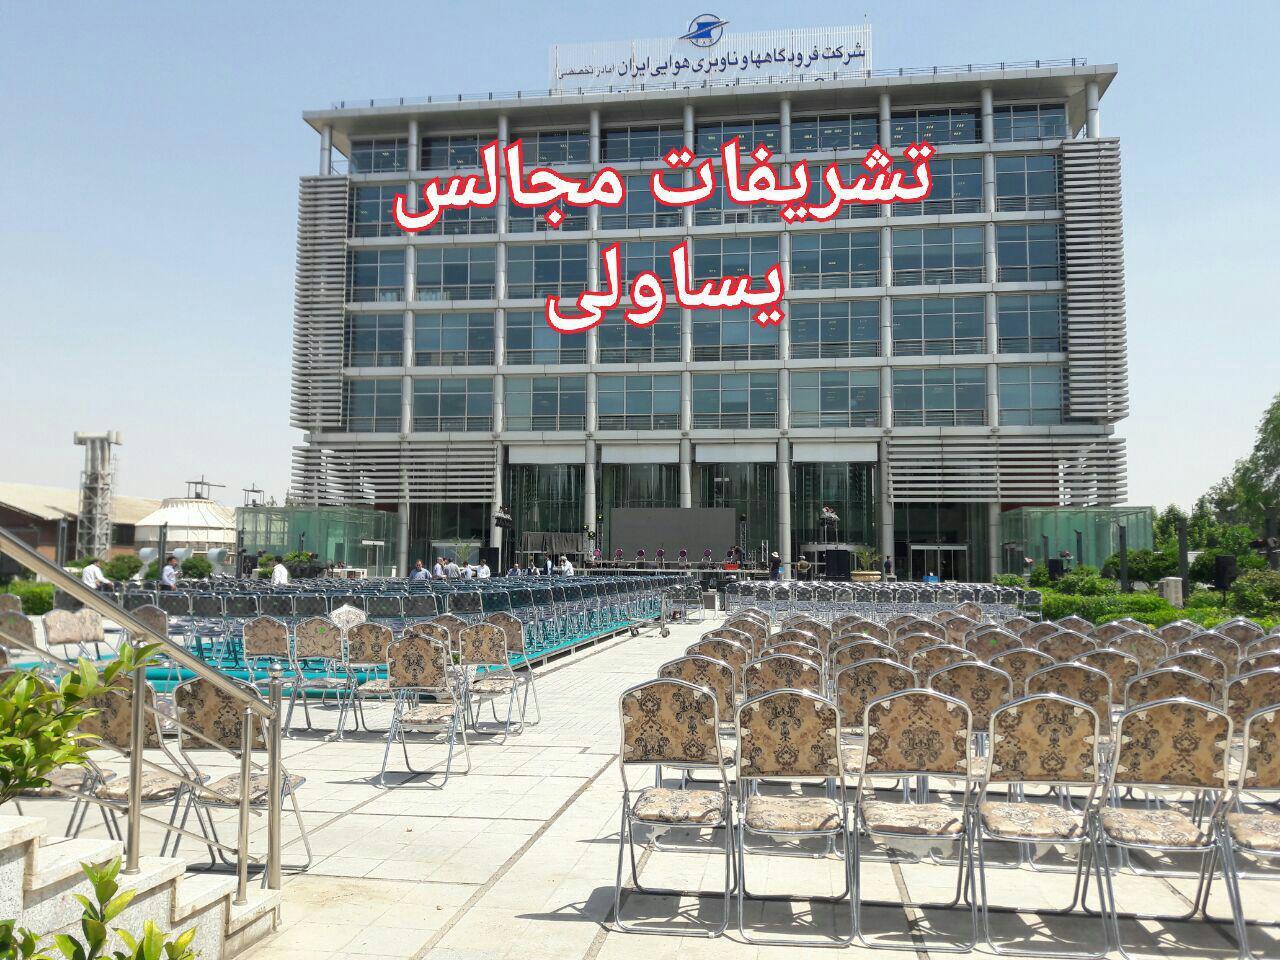 ظروف کرایه و تجهیزات مراسم جنوب تهران